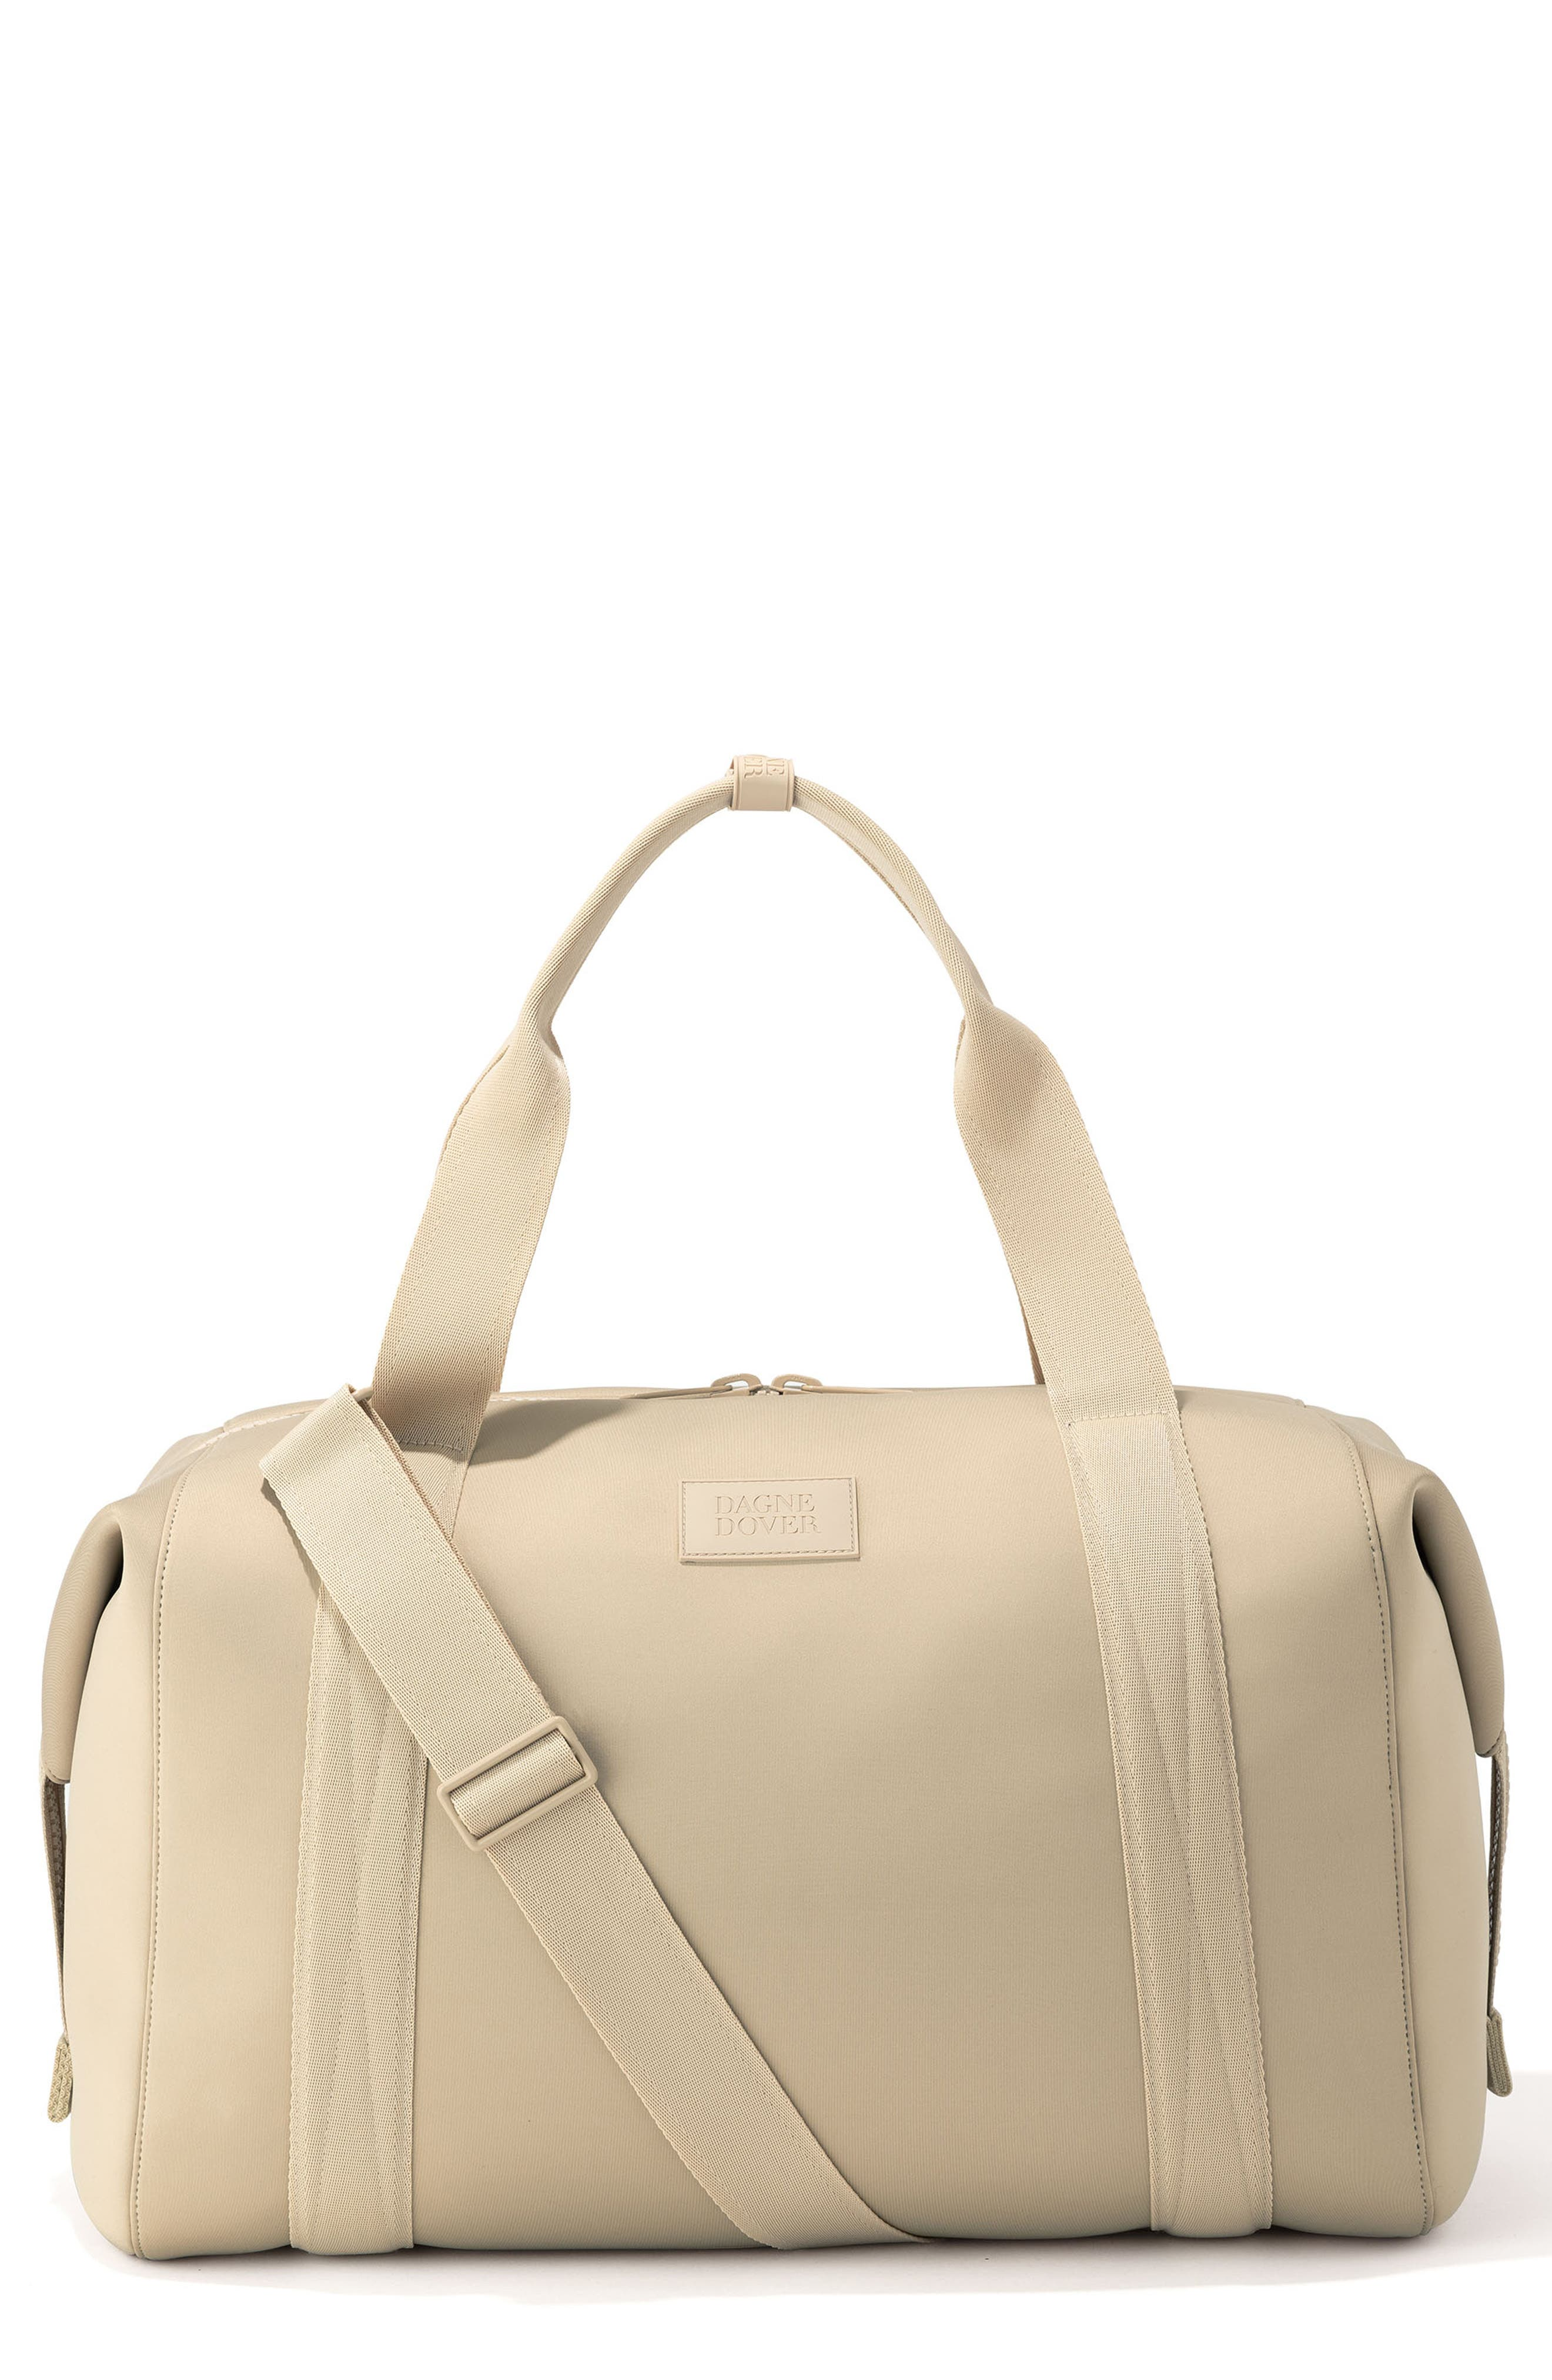 DAGNE DOVER XL Landon Carryall Duffel Bag, Main, color, ALMOND LATTE